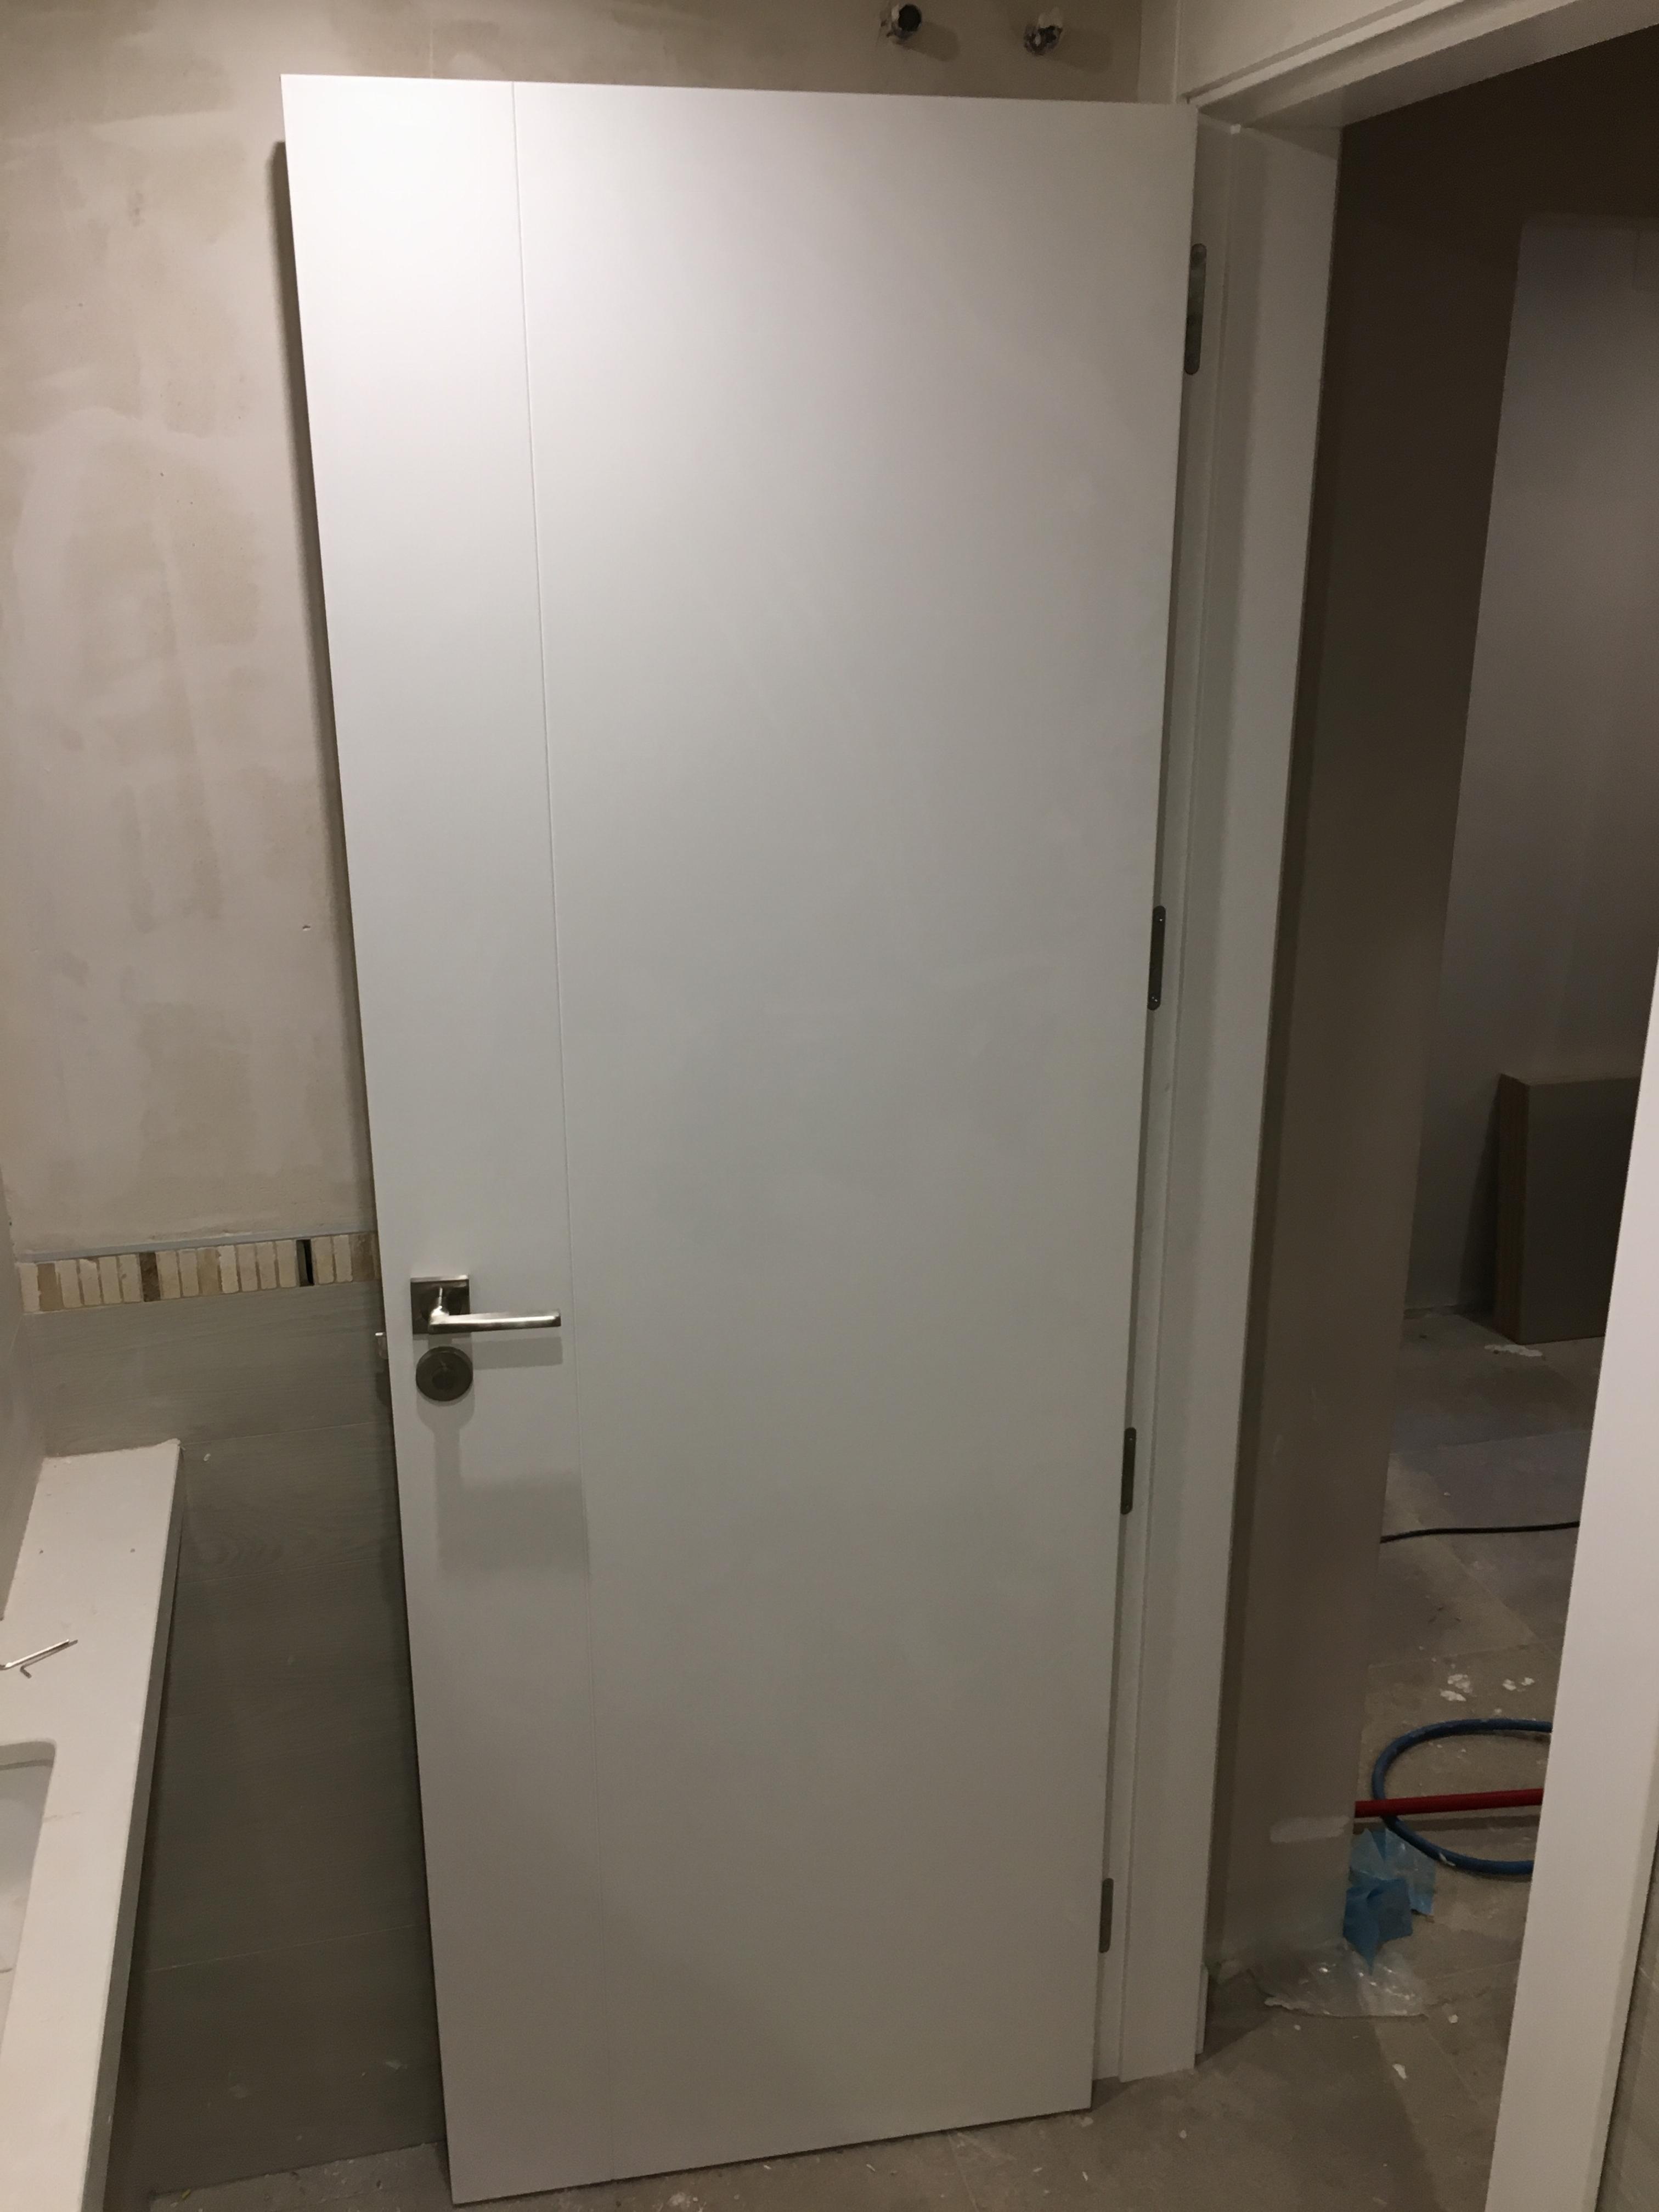 Puertas lacadas en blanco carpinteria movidecor granada - Puertas de paso lacadas en blanco ...